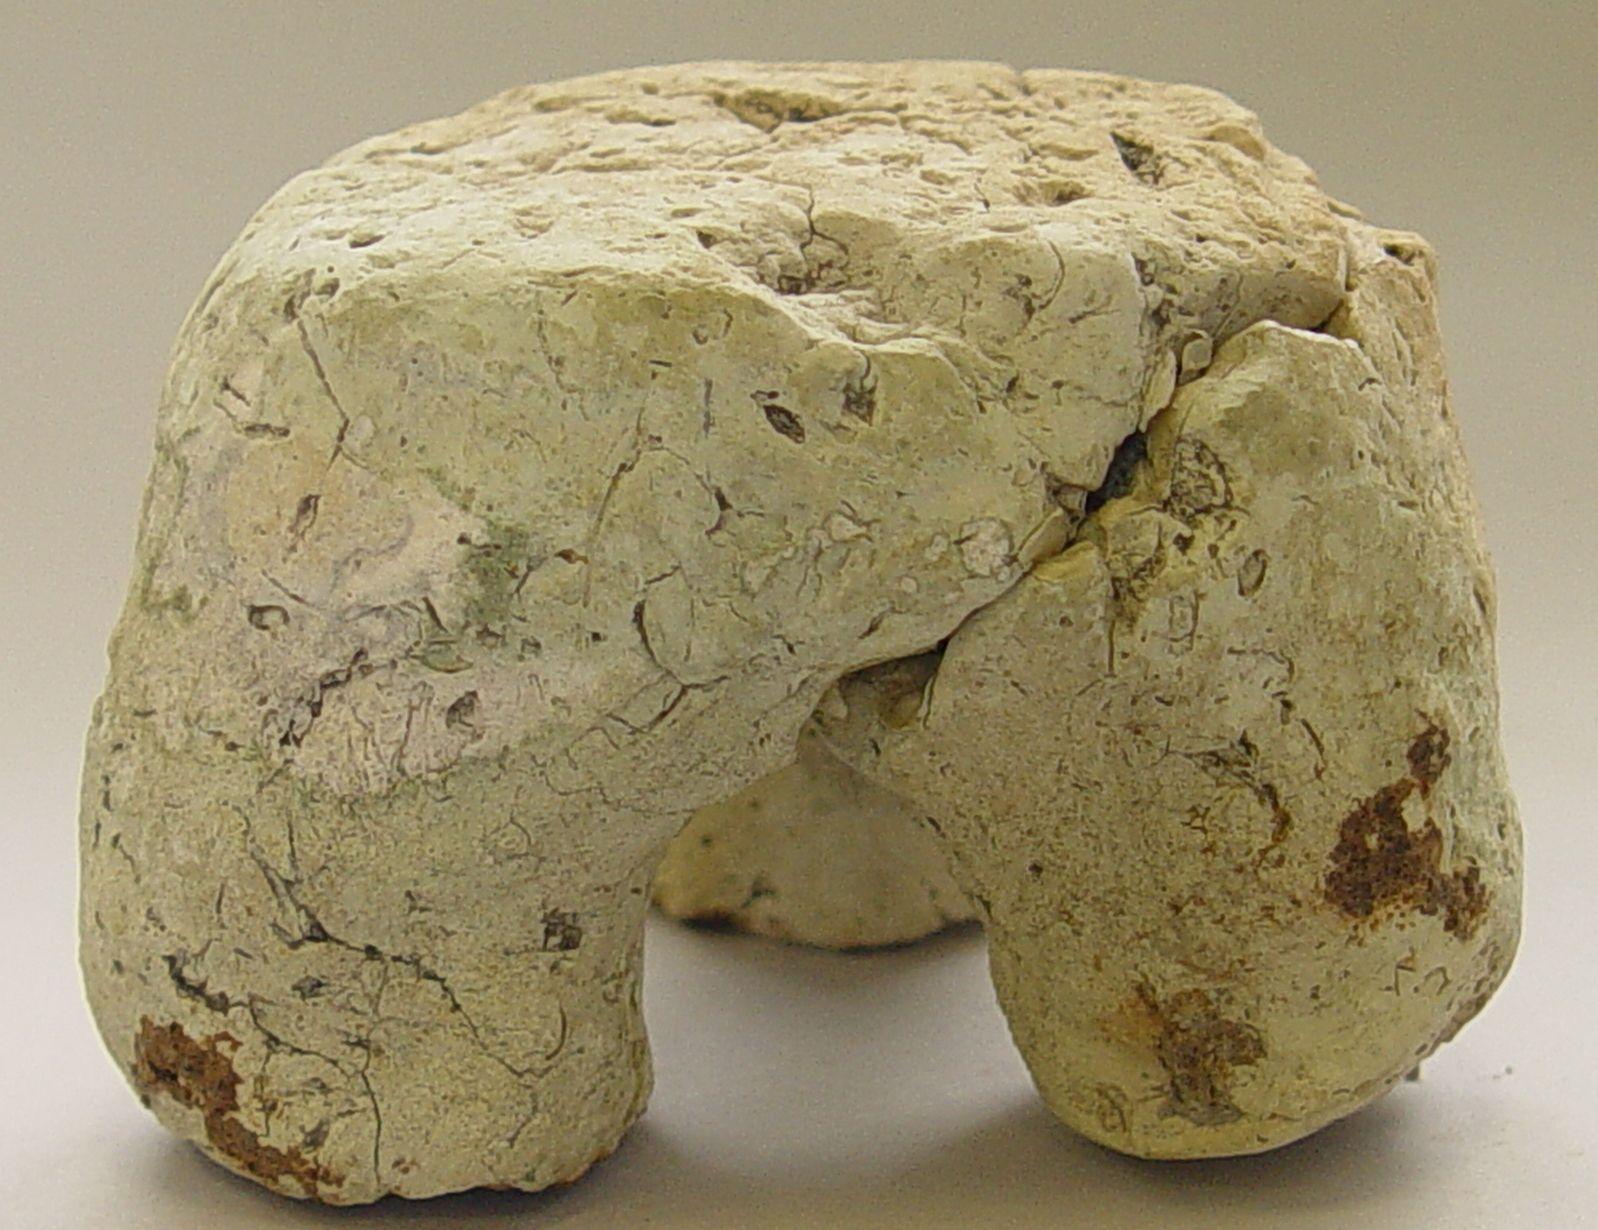 Driepoot van gebakken klei voor prehistorische zoutproductie. (Collectie KZGW, foto SCEZ)